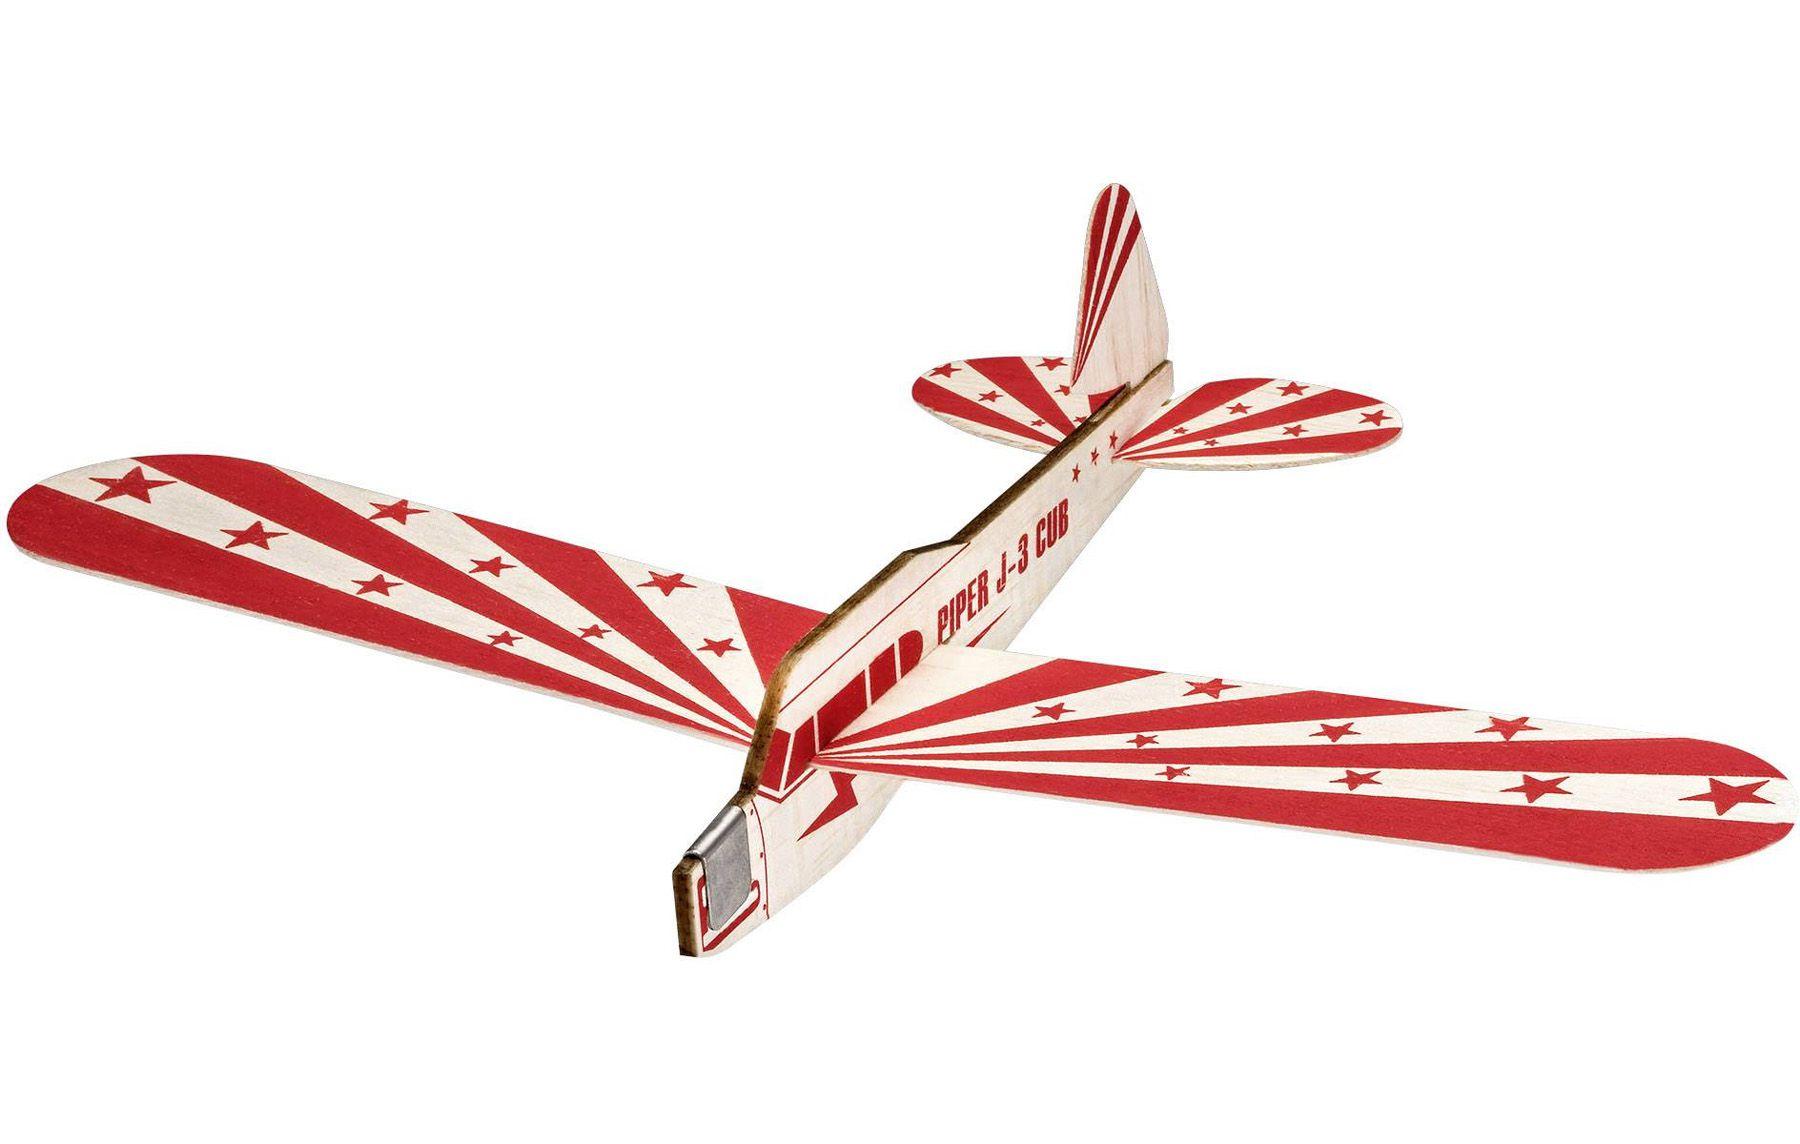 BalsaBirds Jet Glider - Planador de balsa - Revell 24312  - BLIMPS COMÉRCIO ELETRÔNICO